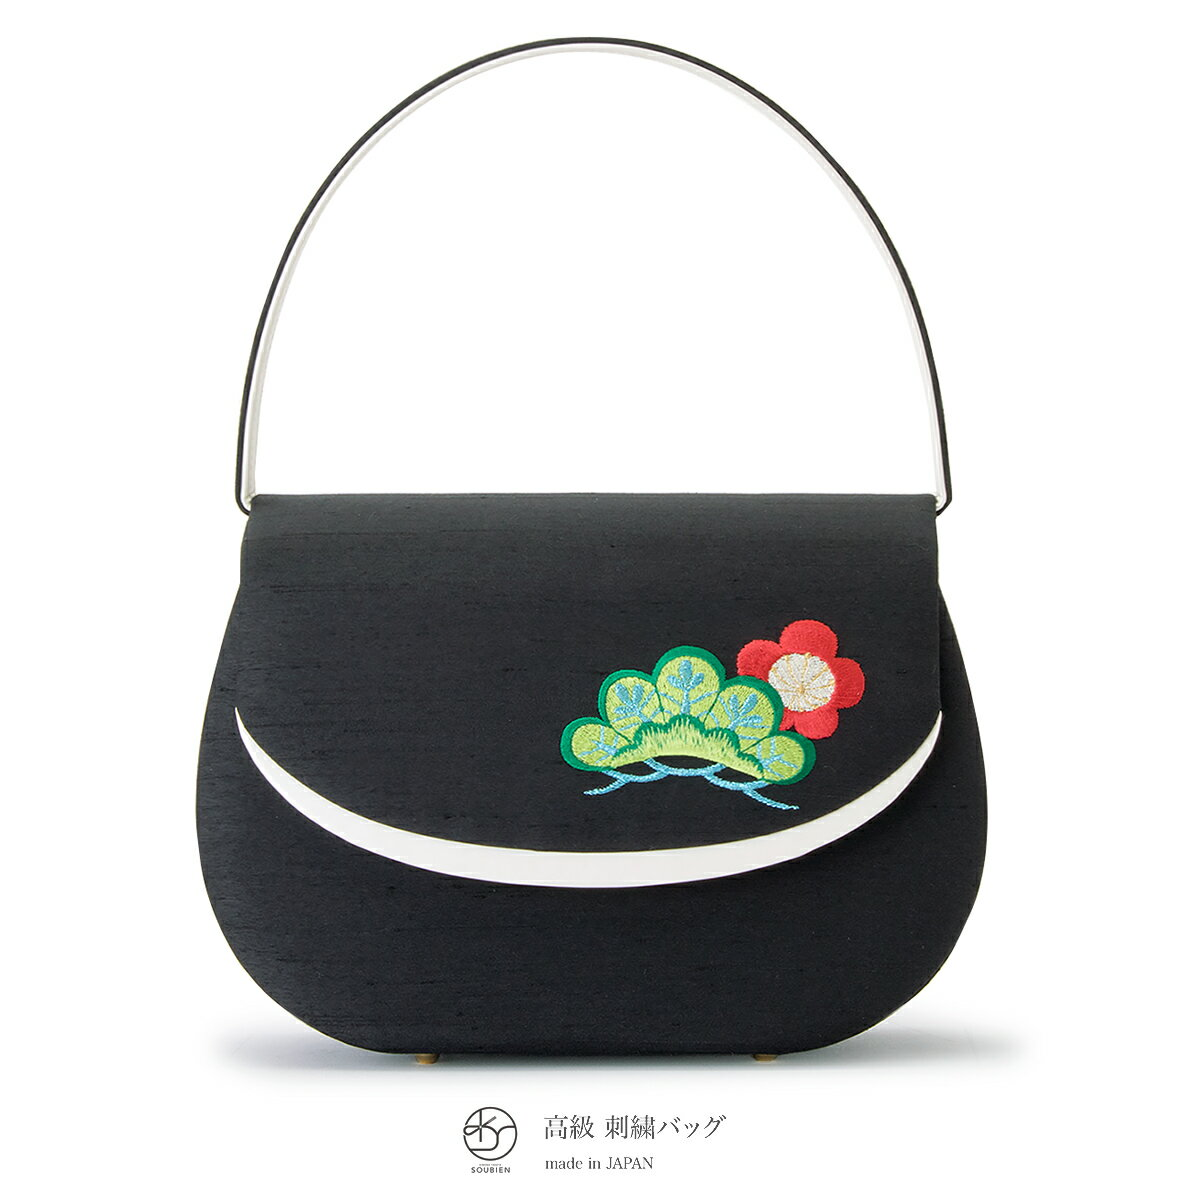 バッグ 黒 ブラック 梅 うめ 松 まつ 花 刺繍 かばん 鞄 振袖用 成人式用 日本製 【送料無料】【あす楽対応】